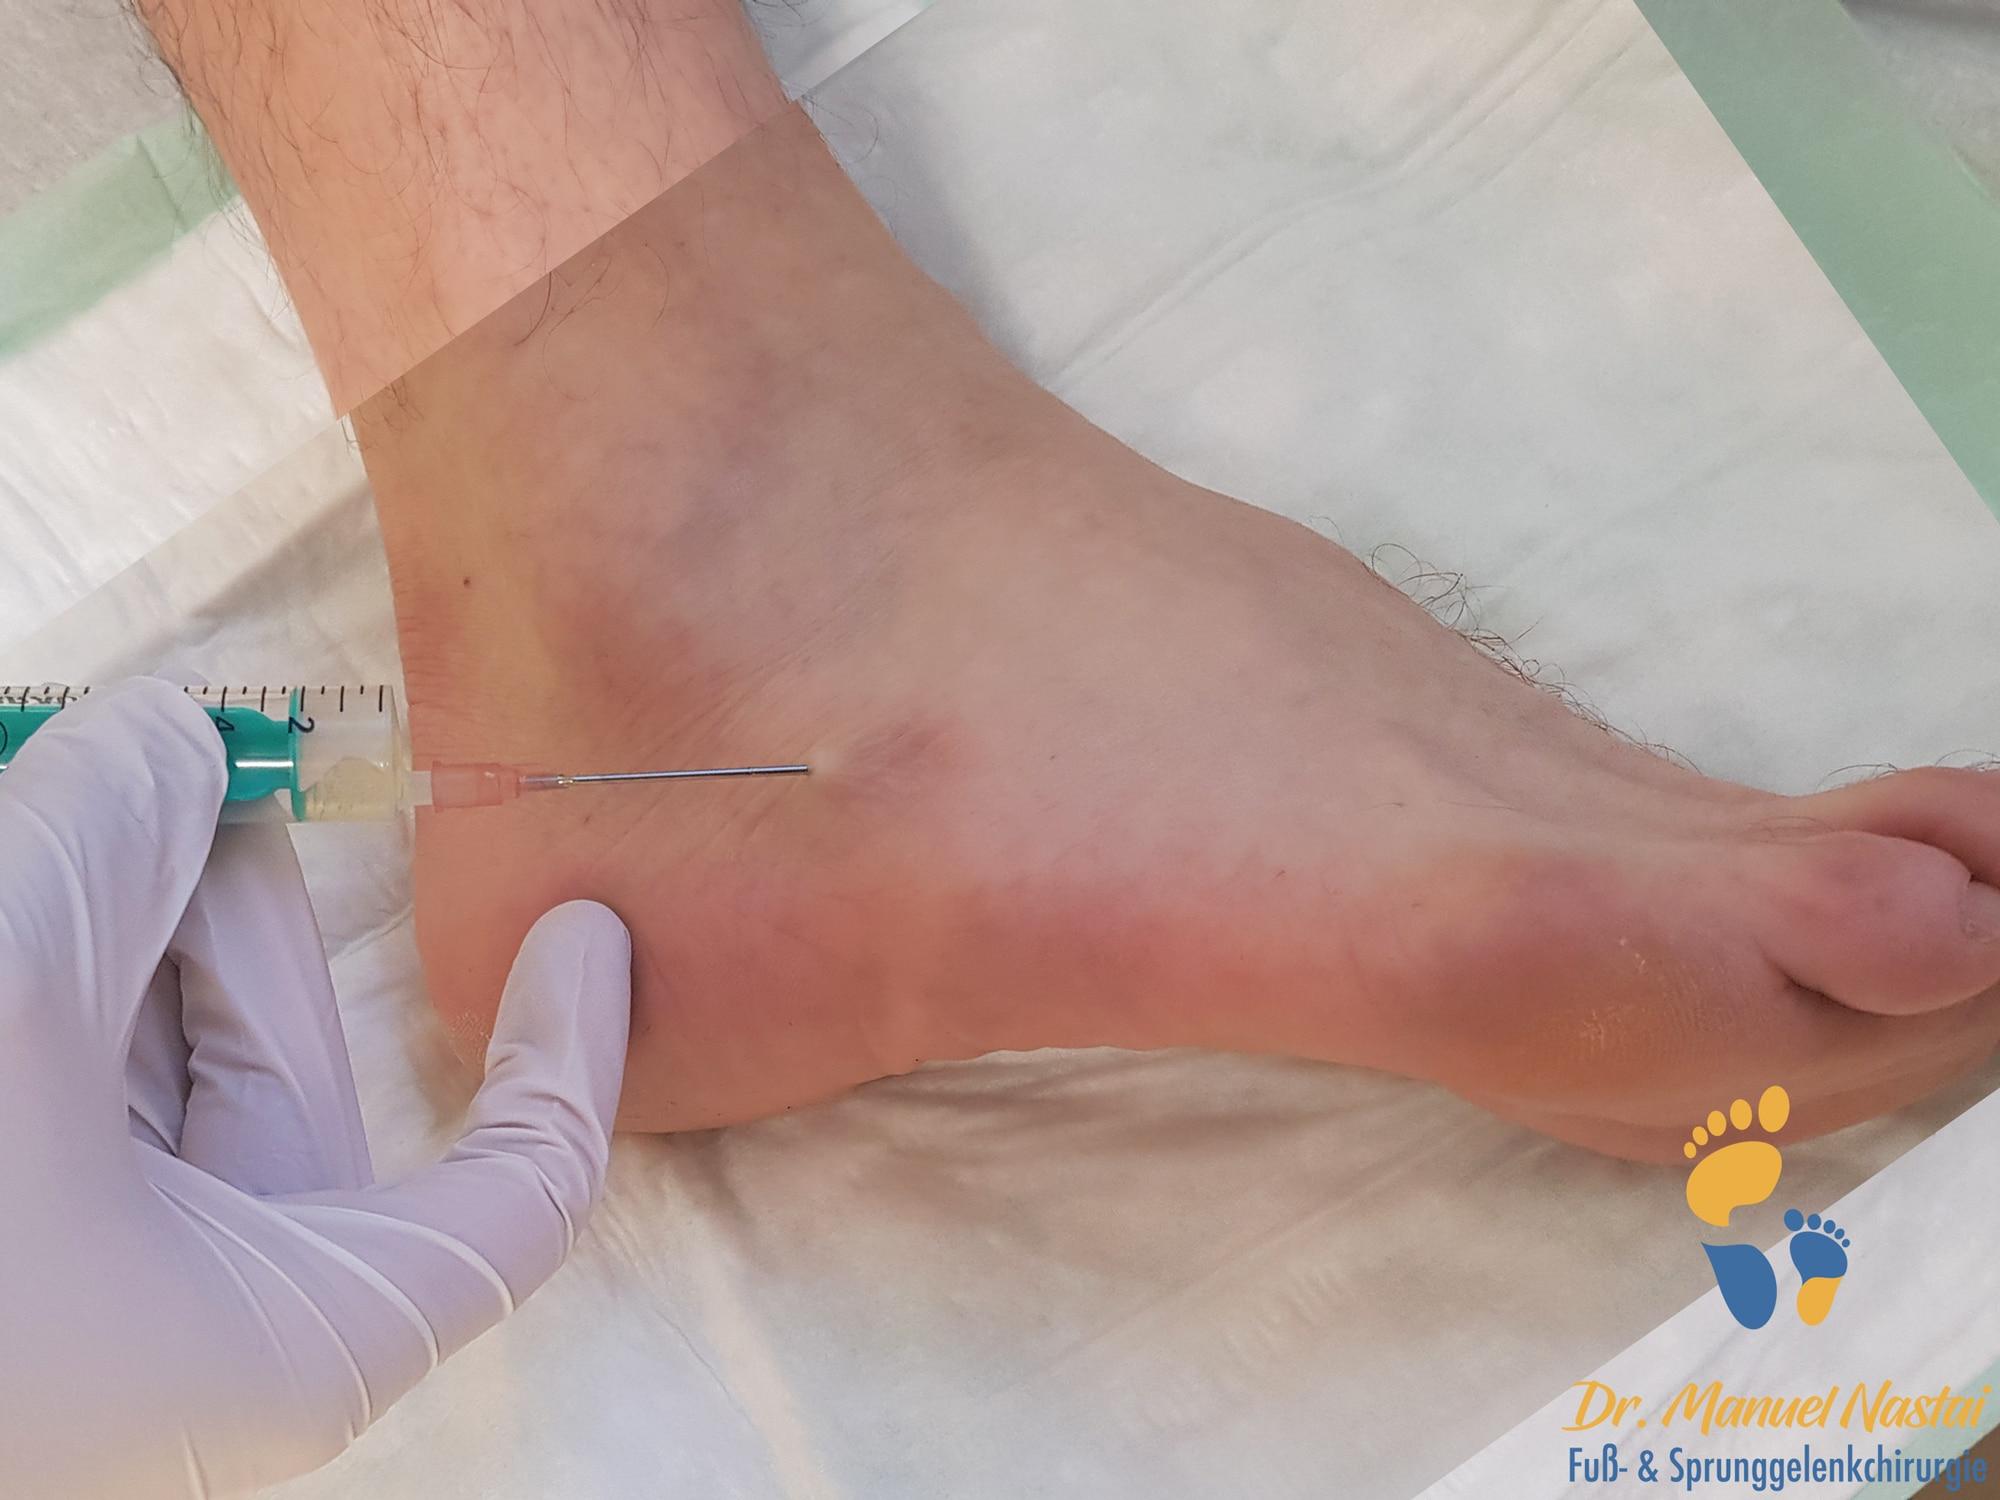 Fuß schmerzen am überbein Fußschmerzen: Ursache,